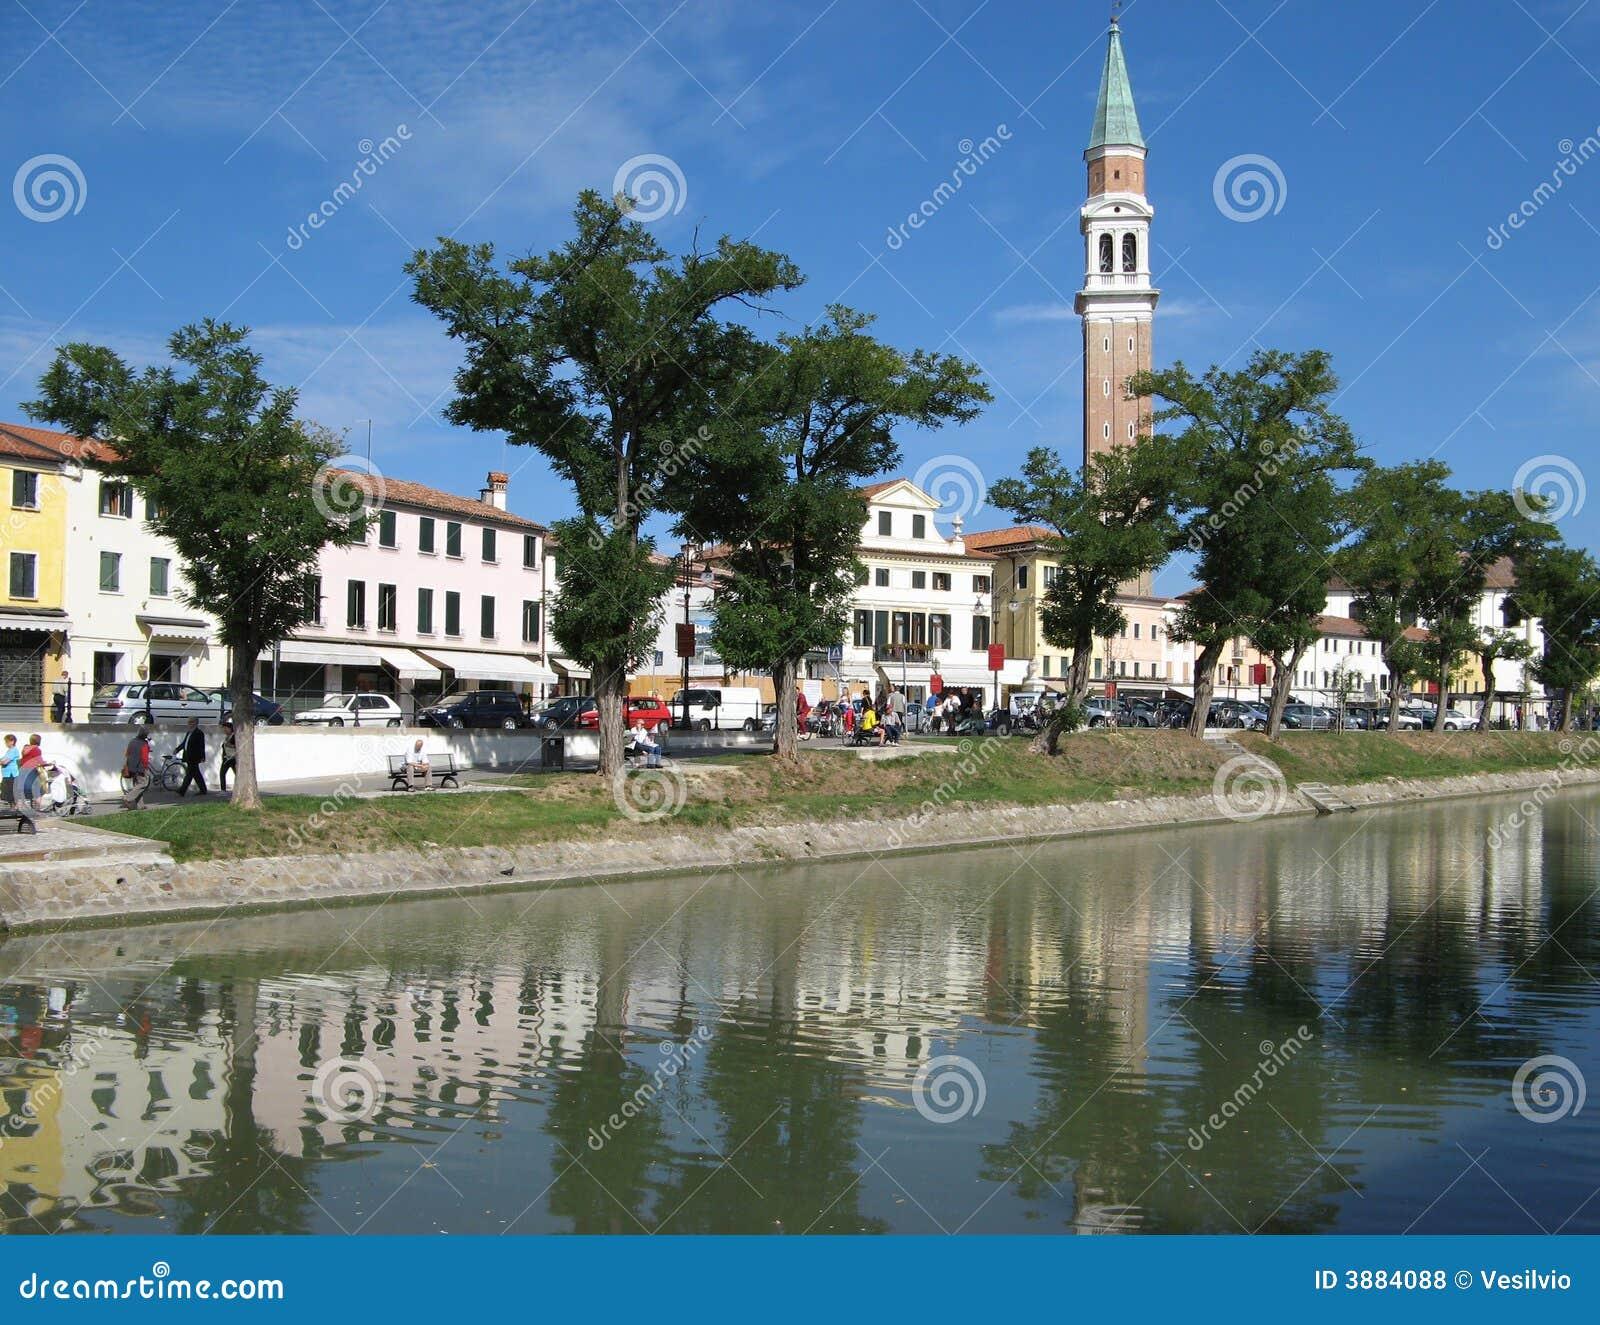 Carte Postale Italienne : Dolo (Venise) Photos libres de droits - Image: 3884088